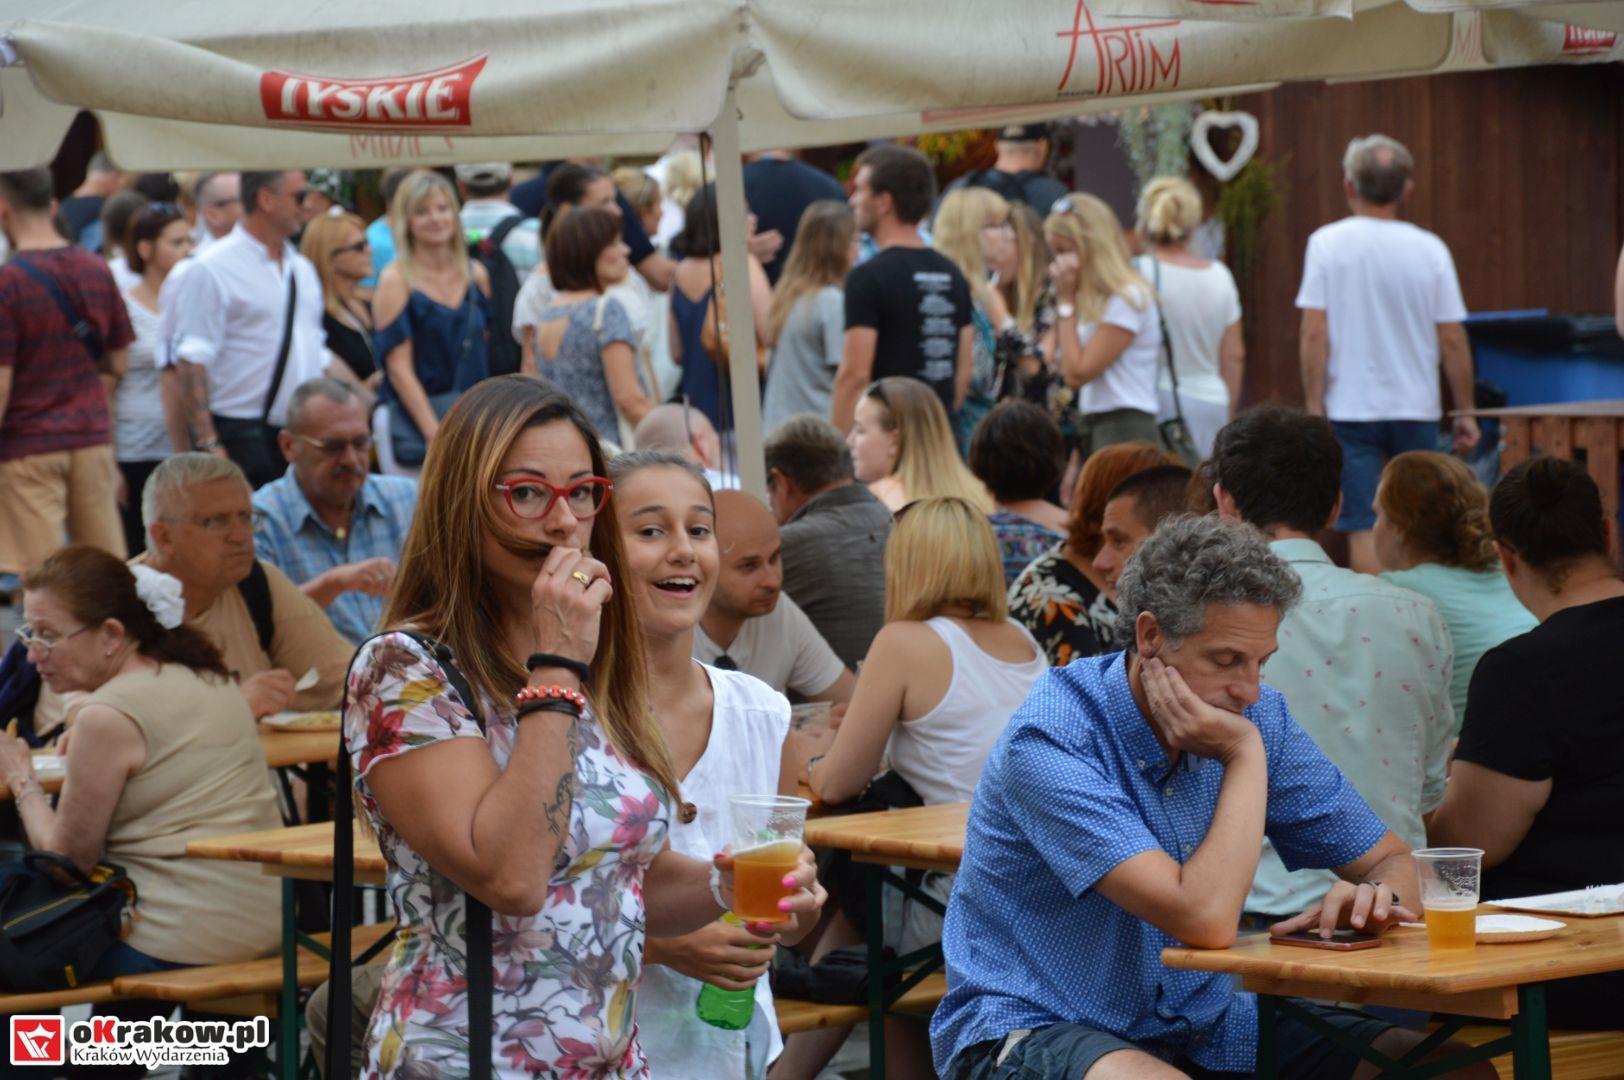 krakow festiwal pierogow maly rynek koncert cheap tobacco 73 150x150 - Galeria zdjęć Festiwal Pierogów Kraków 2018 + zdjęcia z koncertu Cheap Tobacco